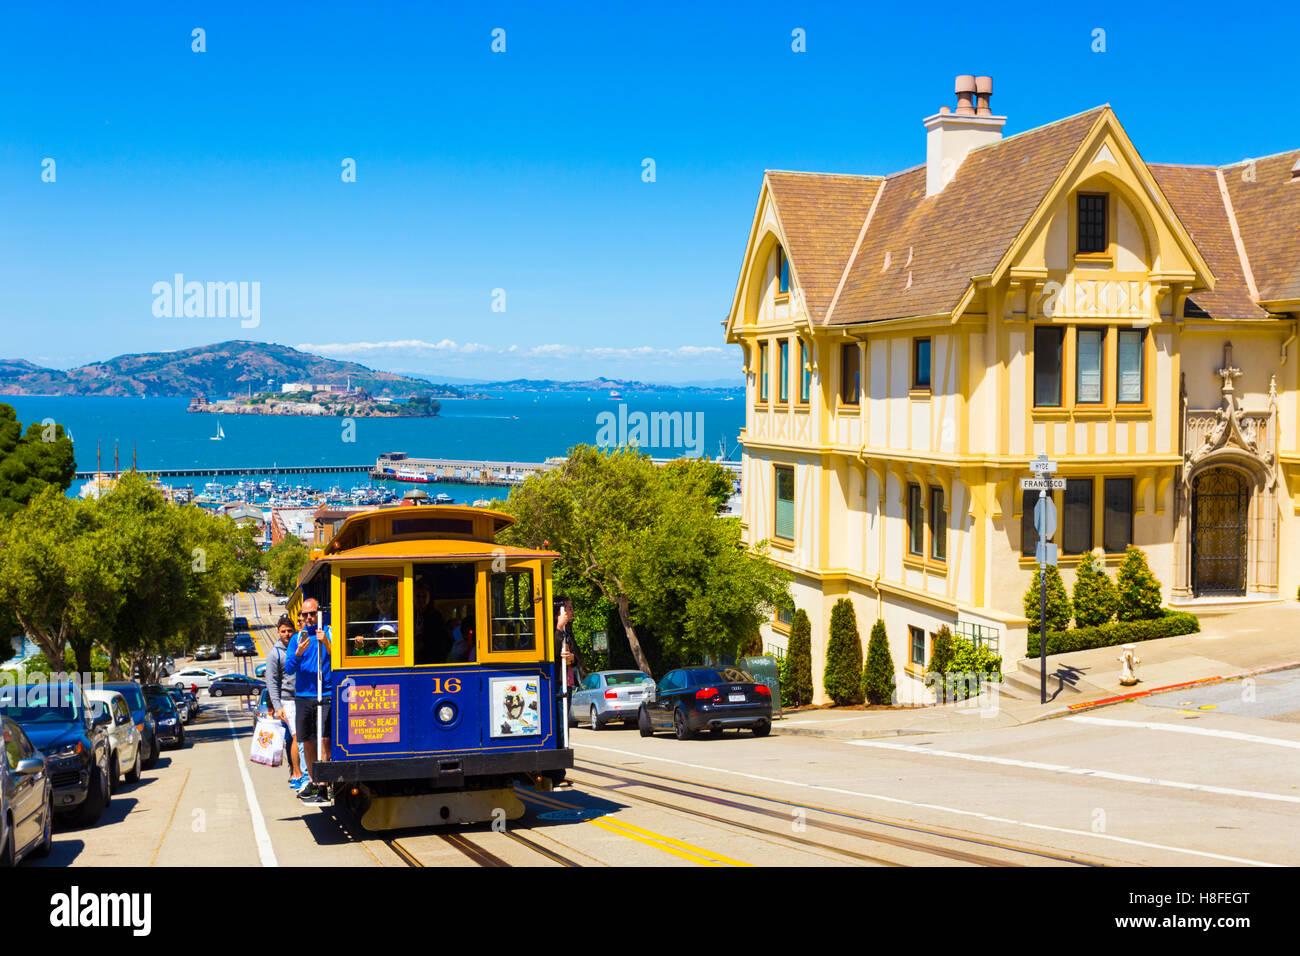 Téléphérique de bleu avec de touristes monter une côte raide sur Hyde St avec vue panoramique Photo Stock